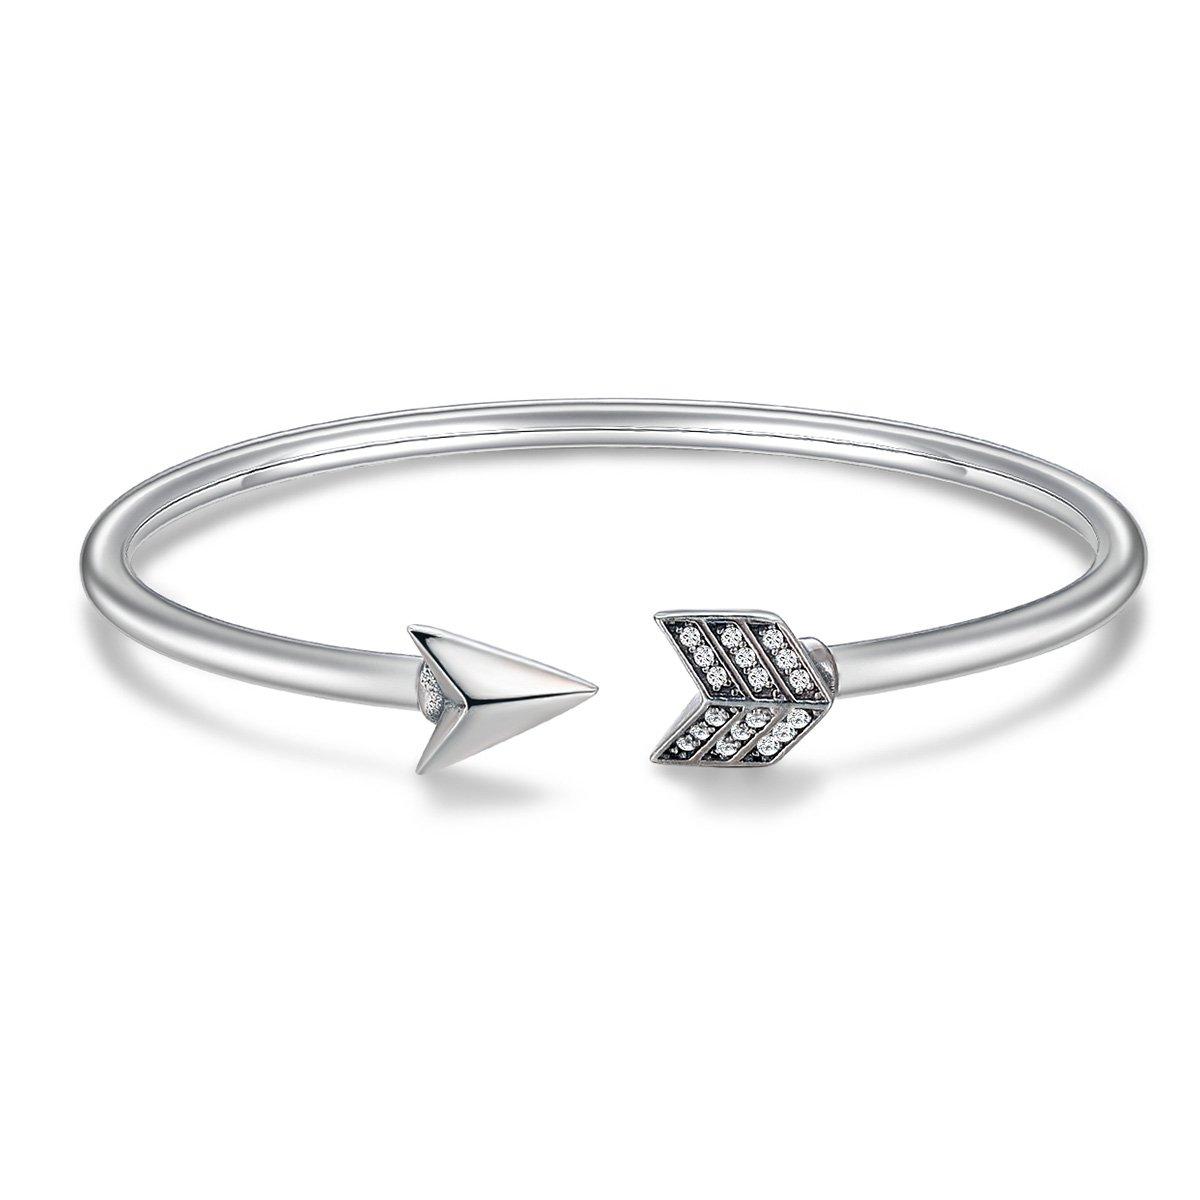 YAXING Genuine 925 Sterling Silver Cupid's Arrow Cuff Bracelets & Bangle for Women Jewelry (Cupid's Arrow Cuff Bracelets)